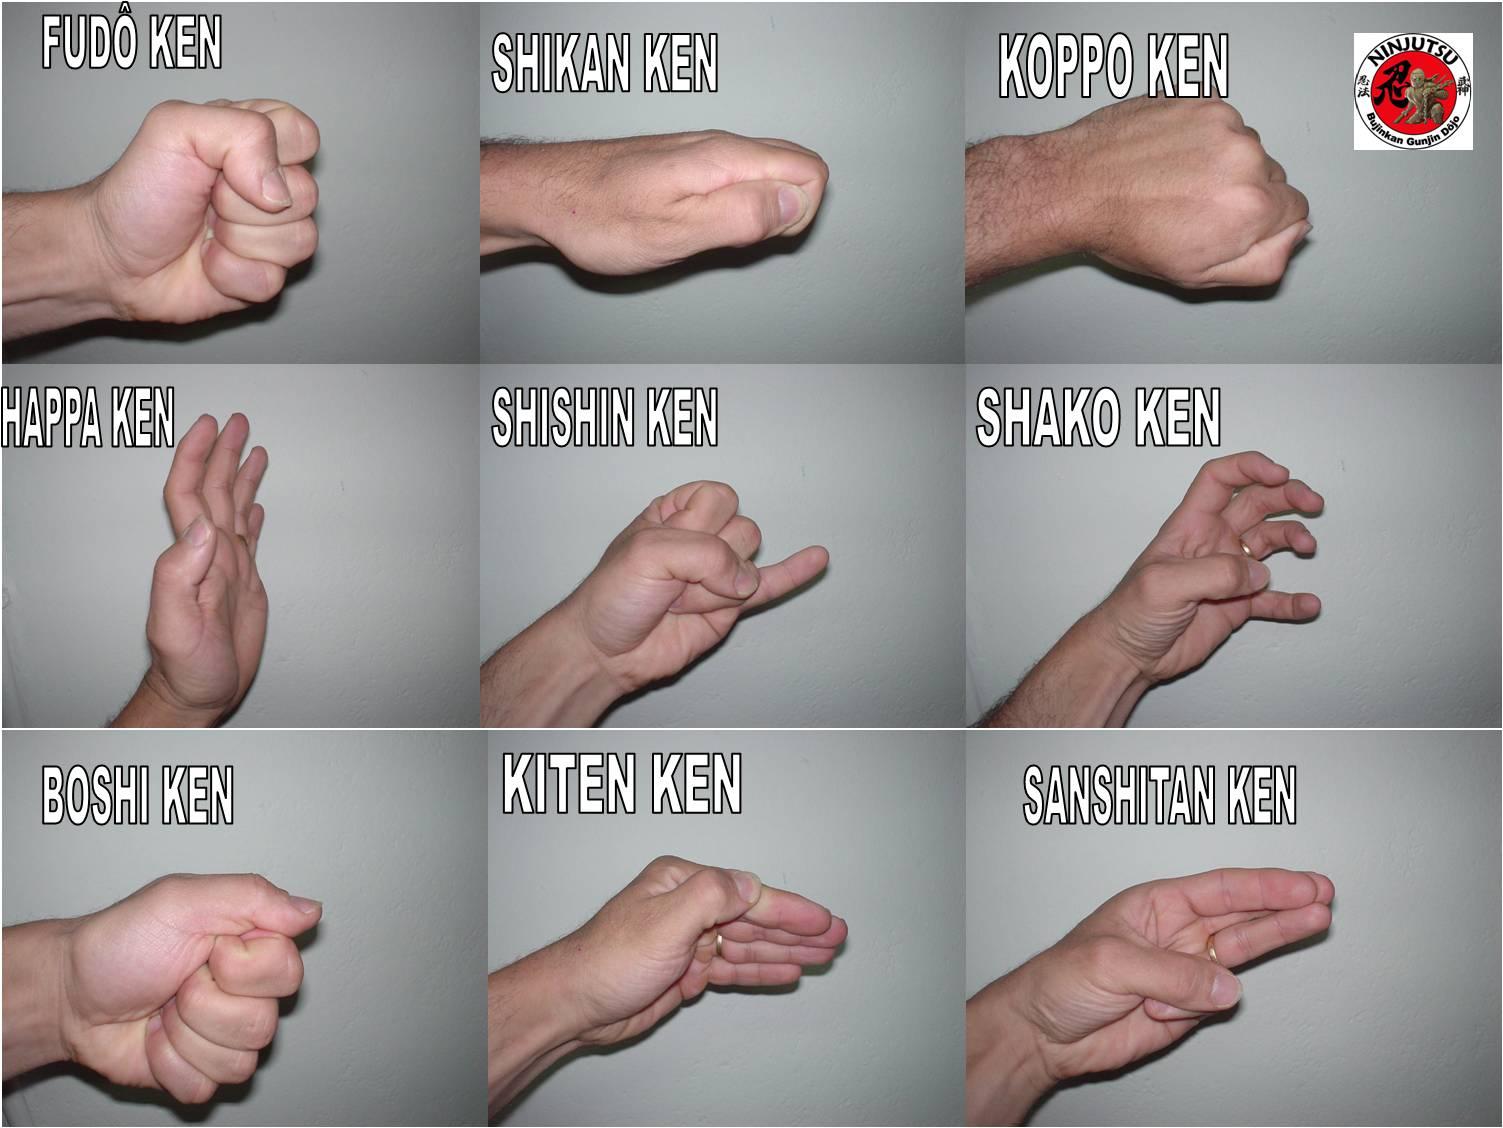 Souvent L'utilisation des doigts - Le forum des passionnés d'arts martiaux  JL21